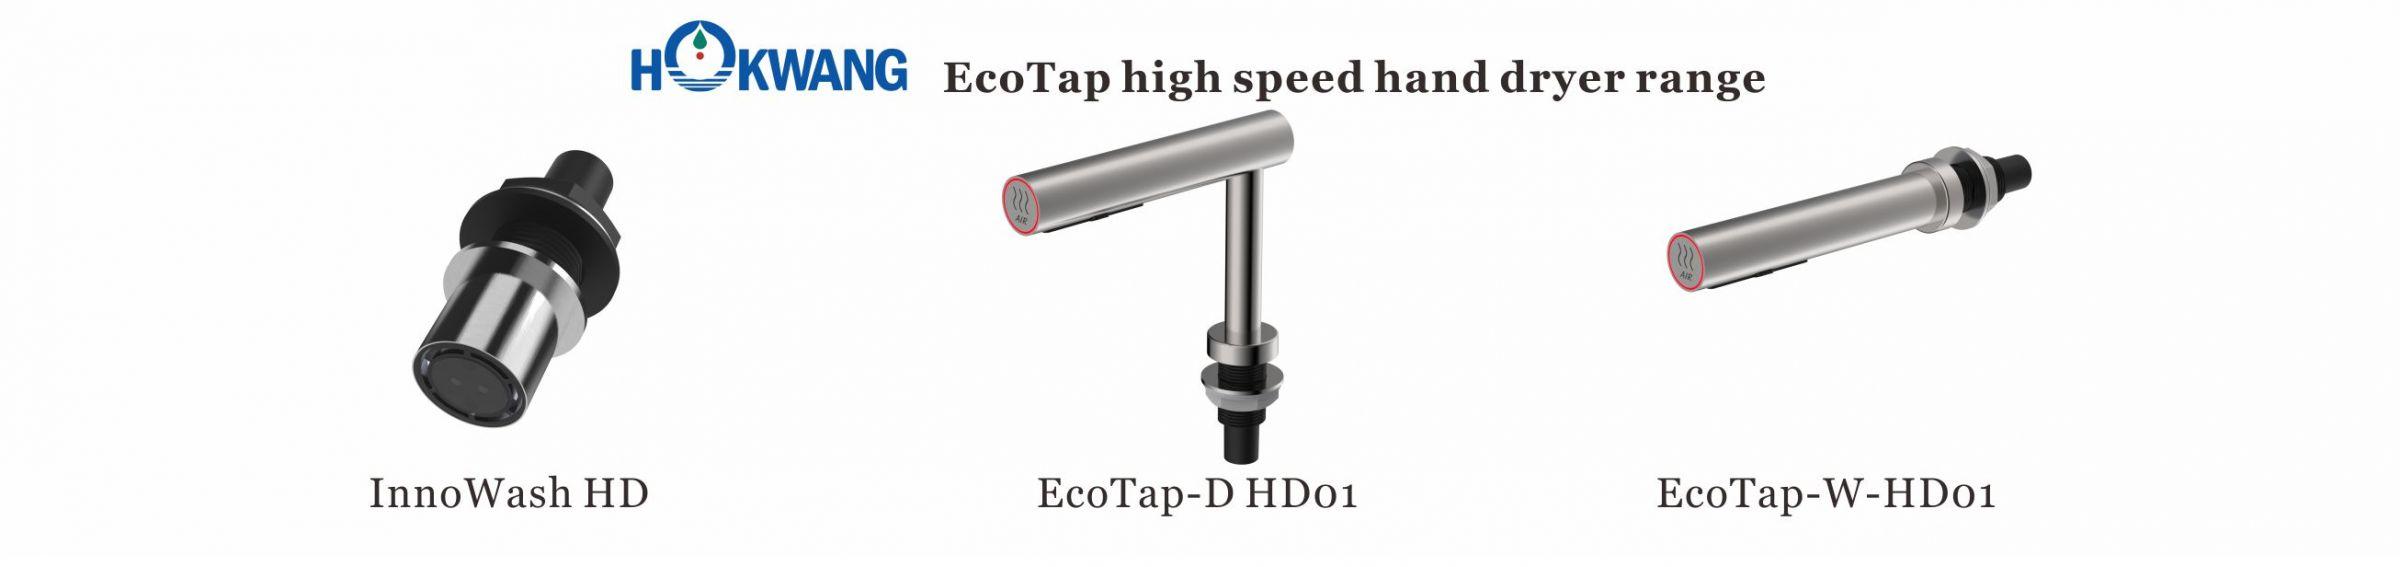 เครื่องเป่ามือความเร็วสูง EcoTap